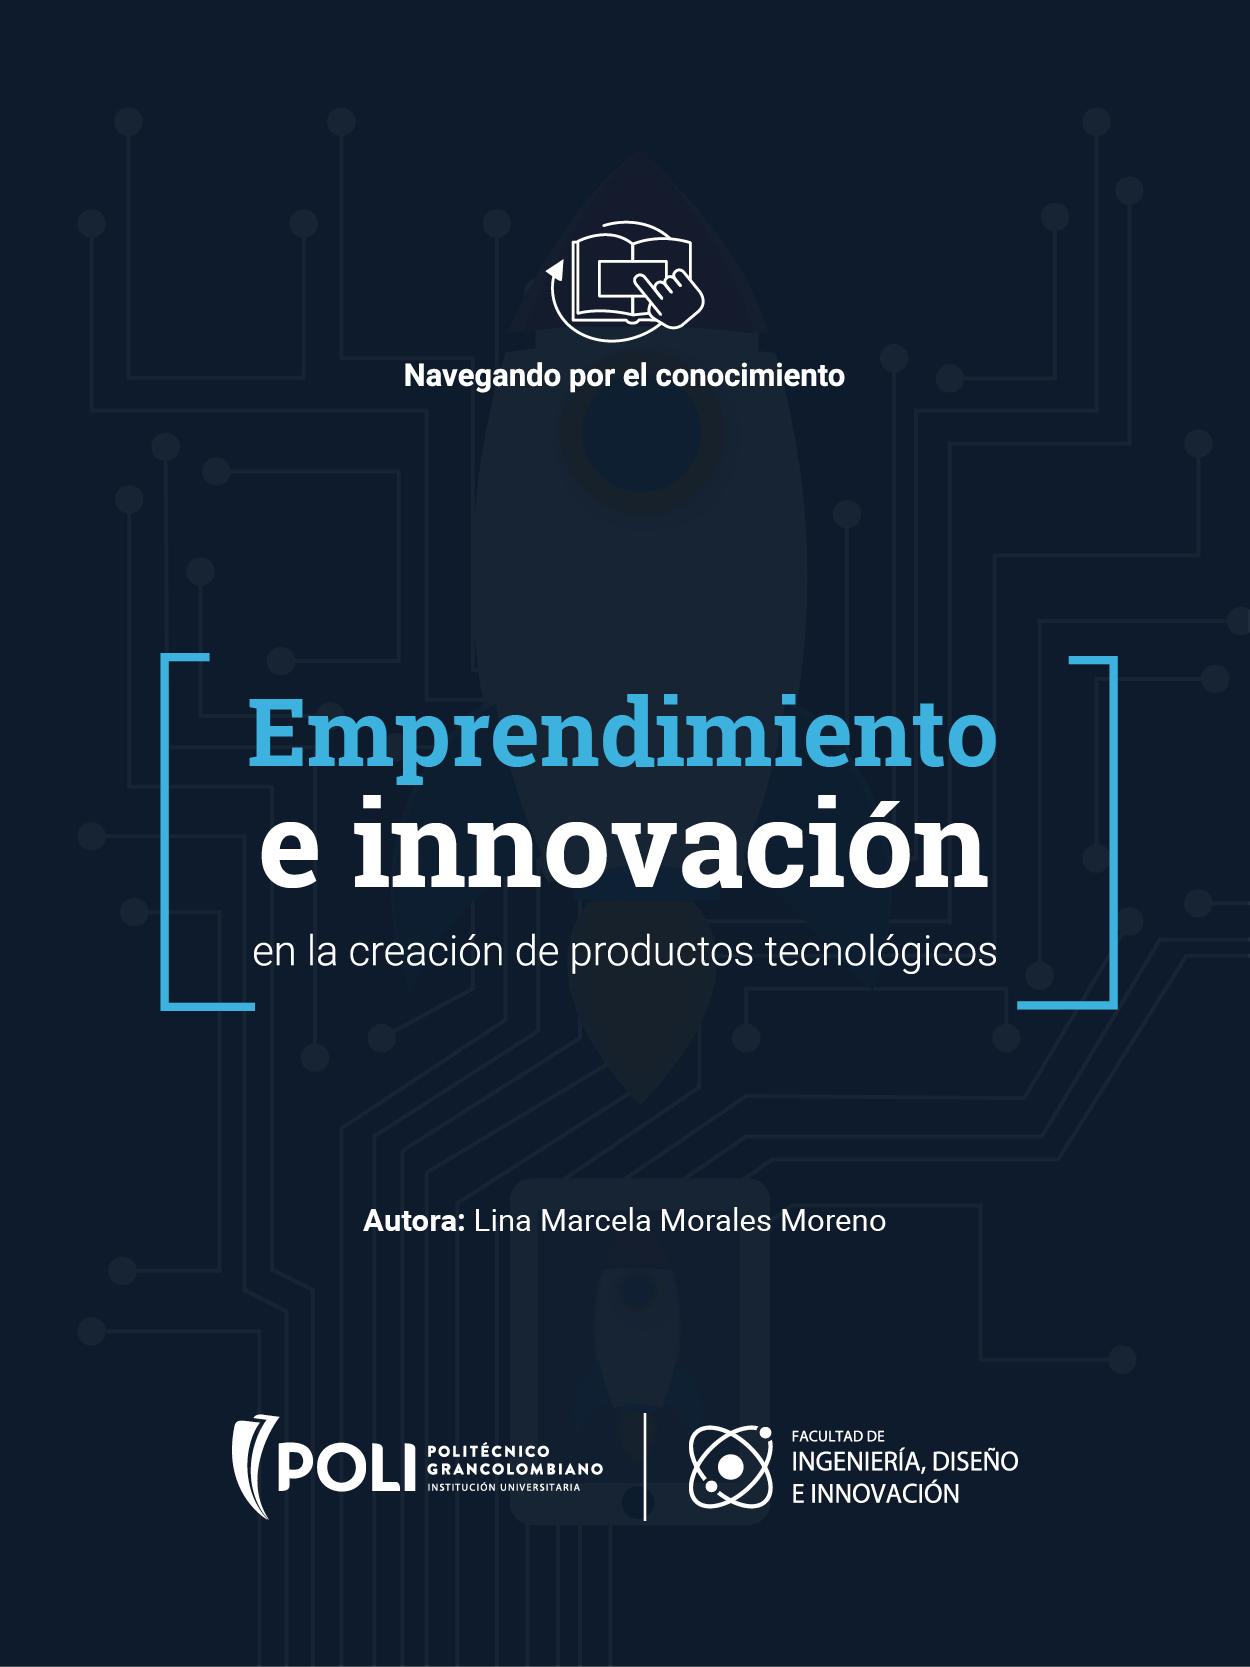 Emprendimiento e innovación en la creación de productos tecnológicos